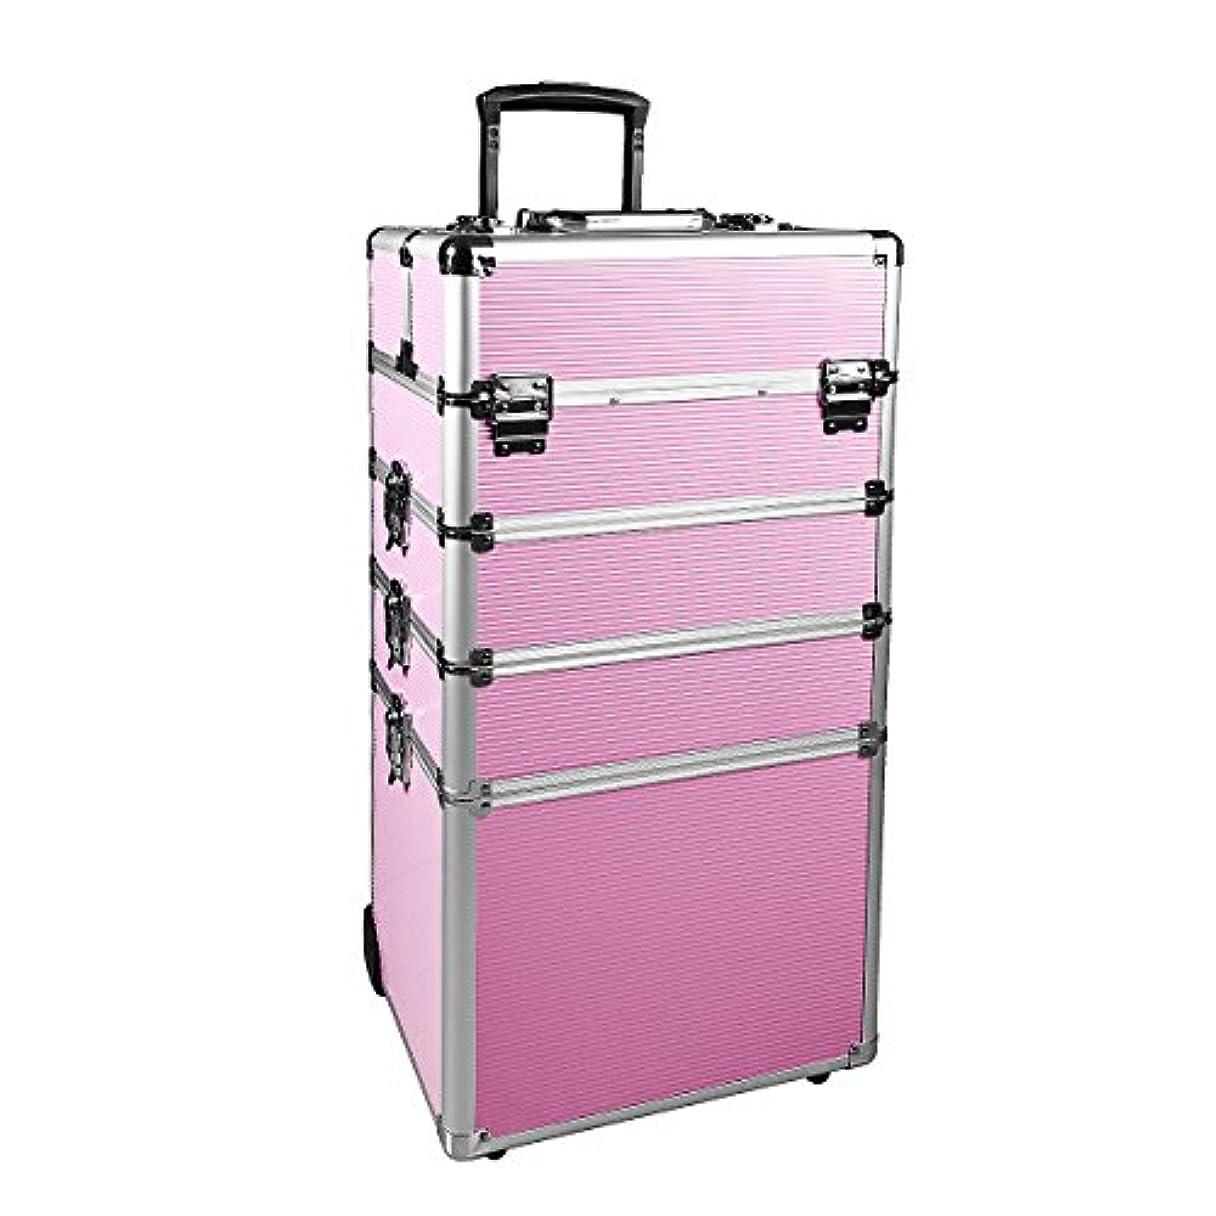 平均伝染性の信念NHSM 1つ プロ 化粧品ローリング主催 アルミフレームと折りたたみトレイで化粧列車 ケース4 ピンク